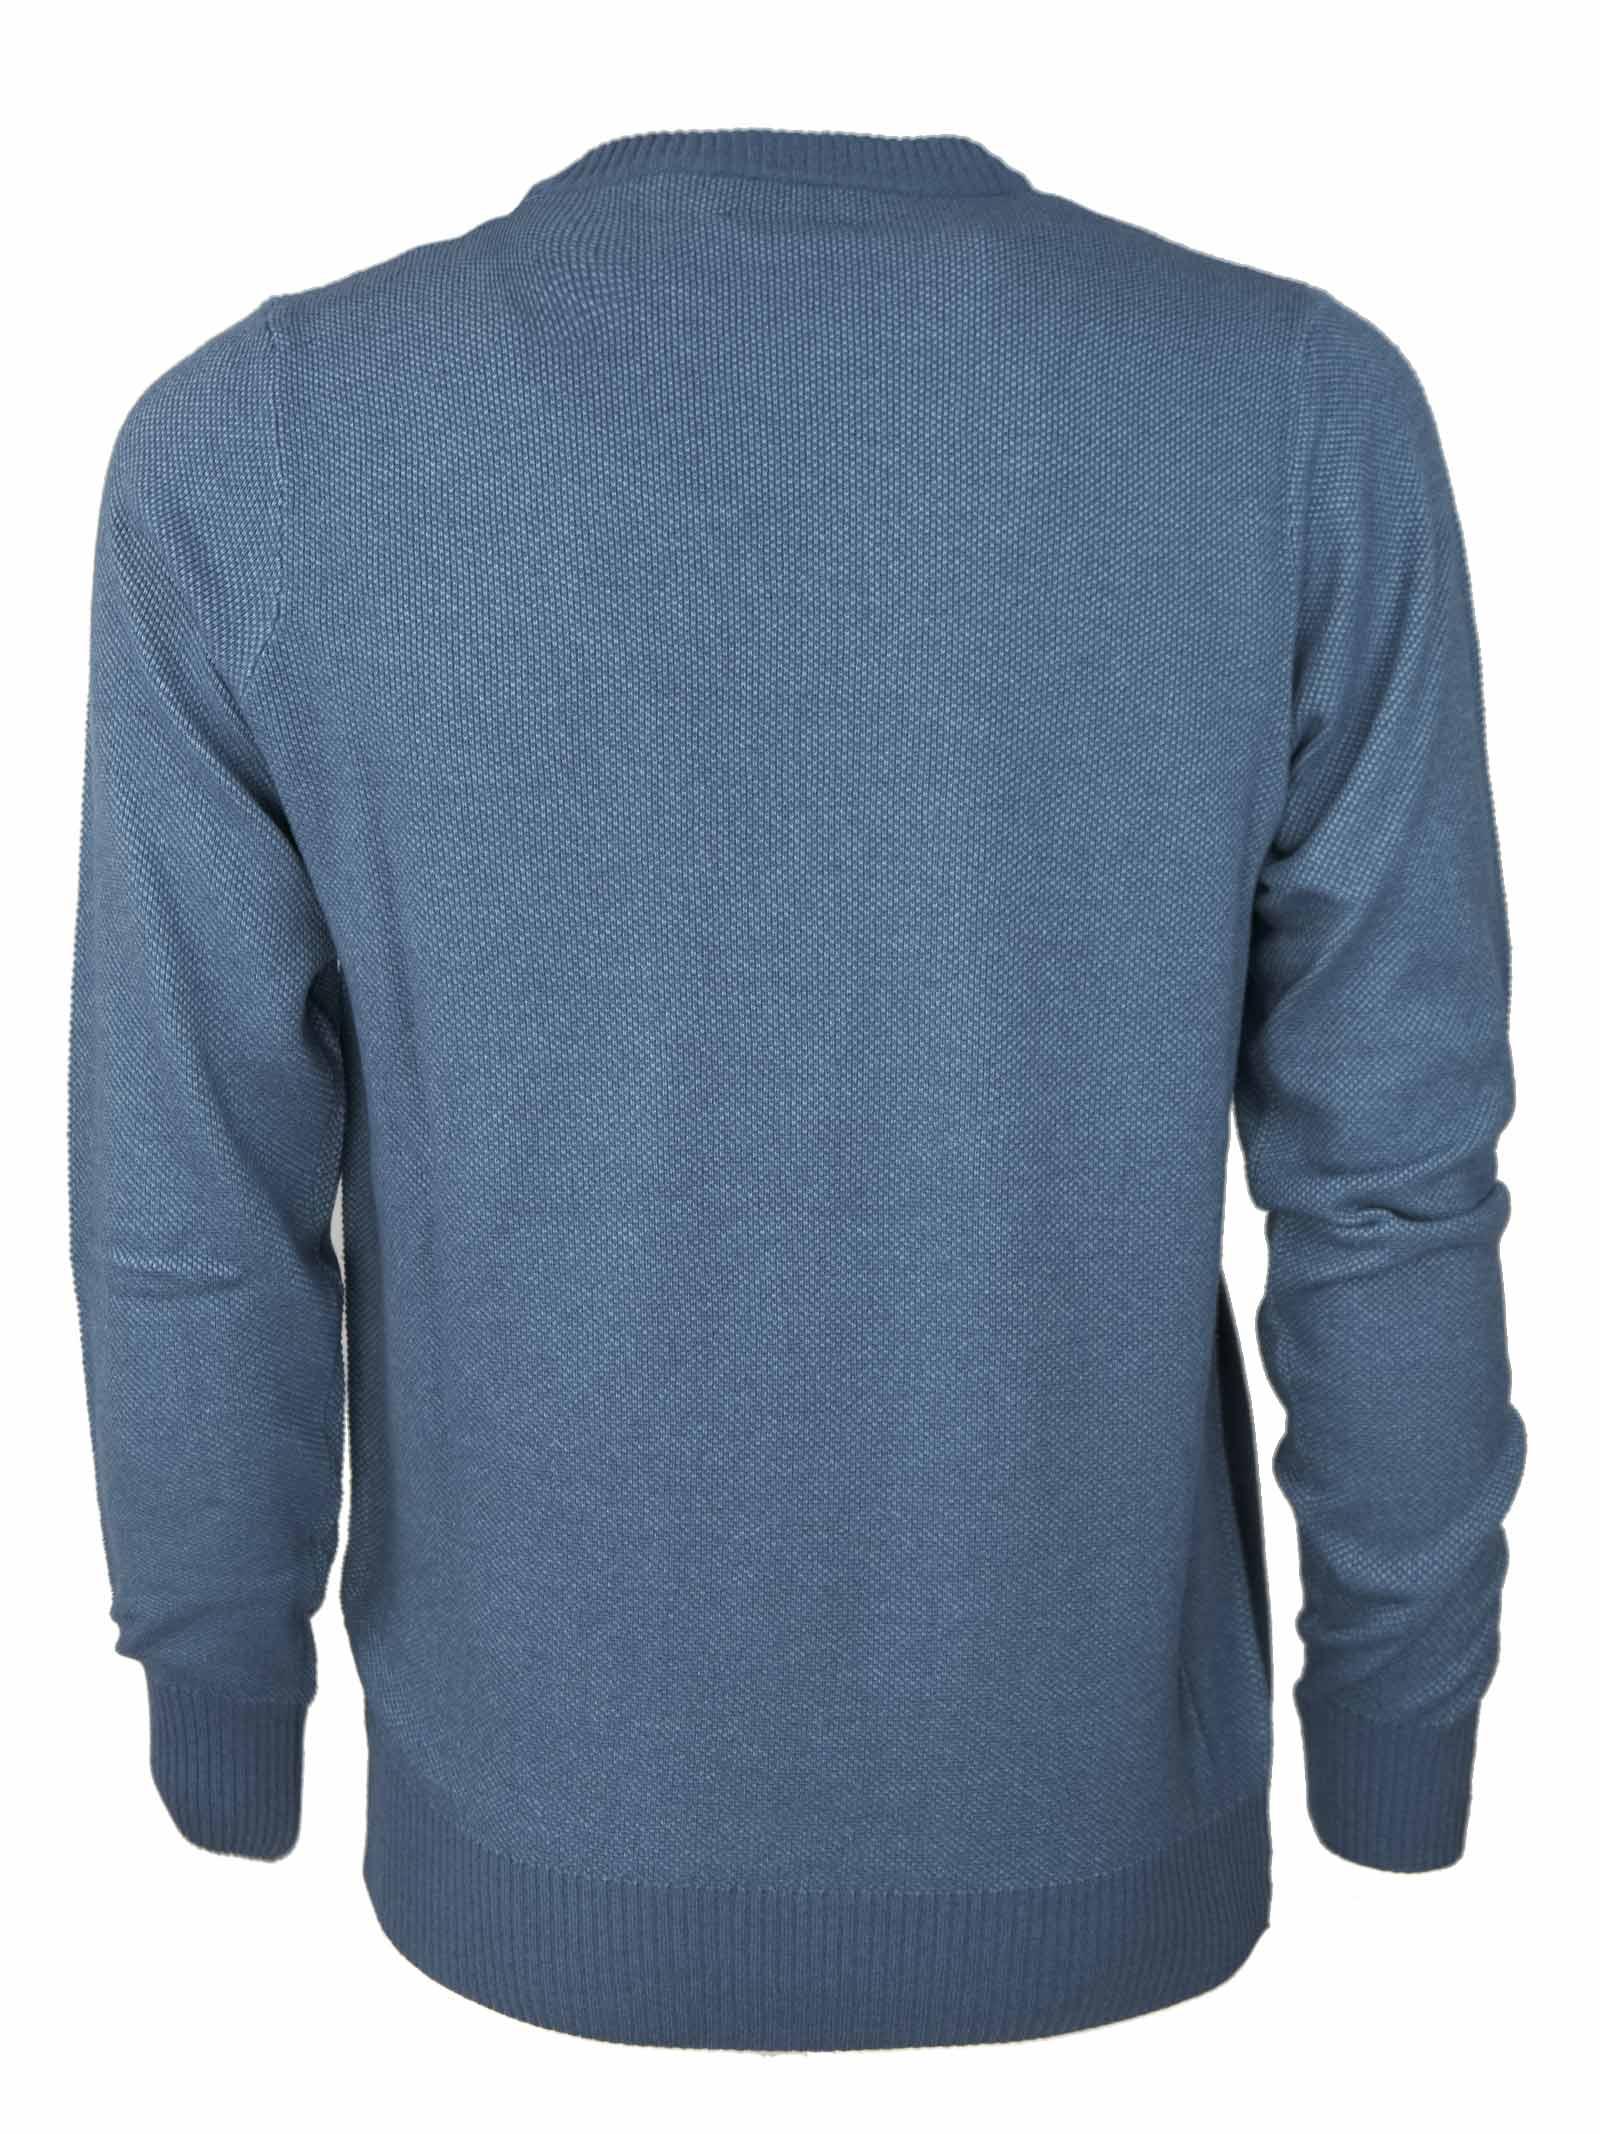 Crew neck pullover BROOKSFIELD   Knitwear   203F.W0407089